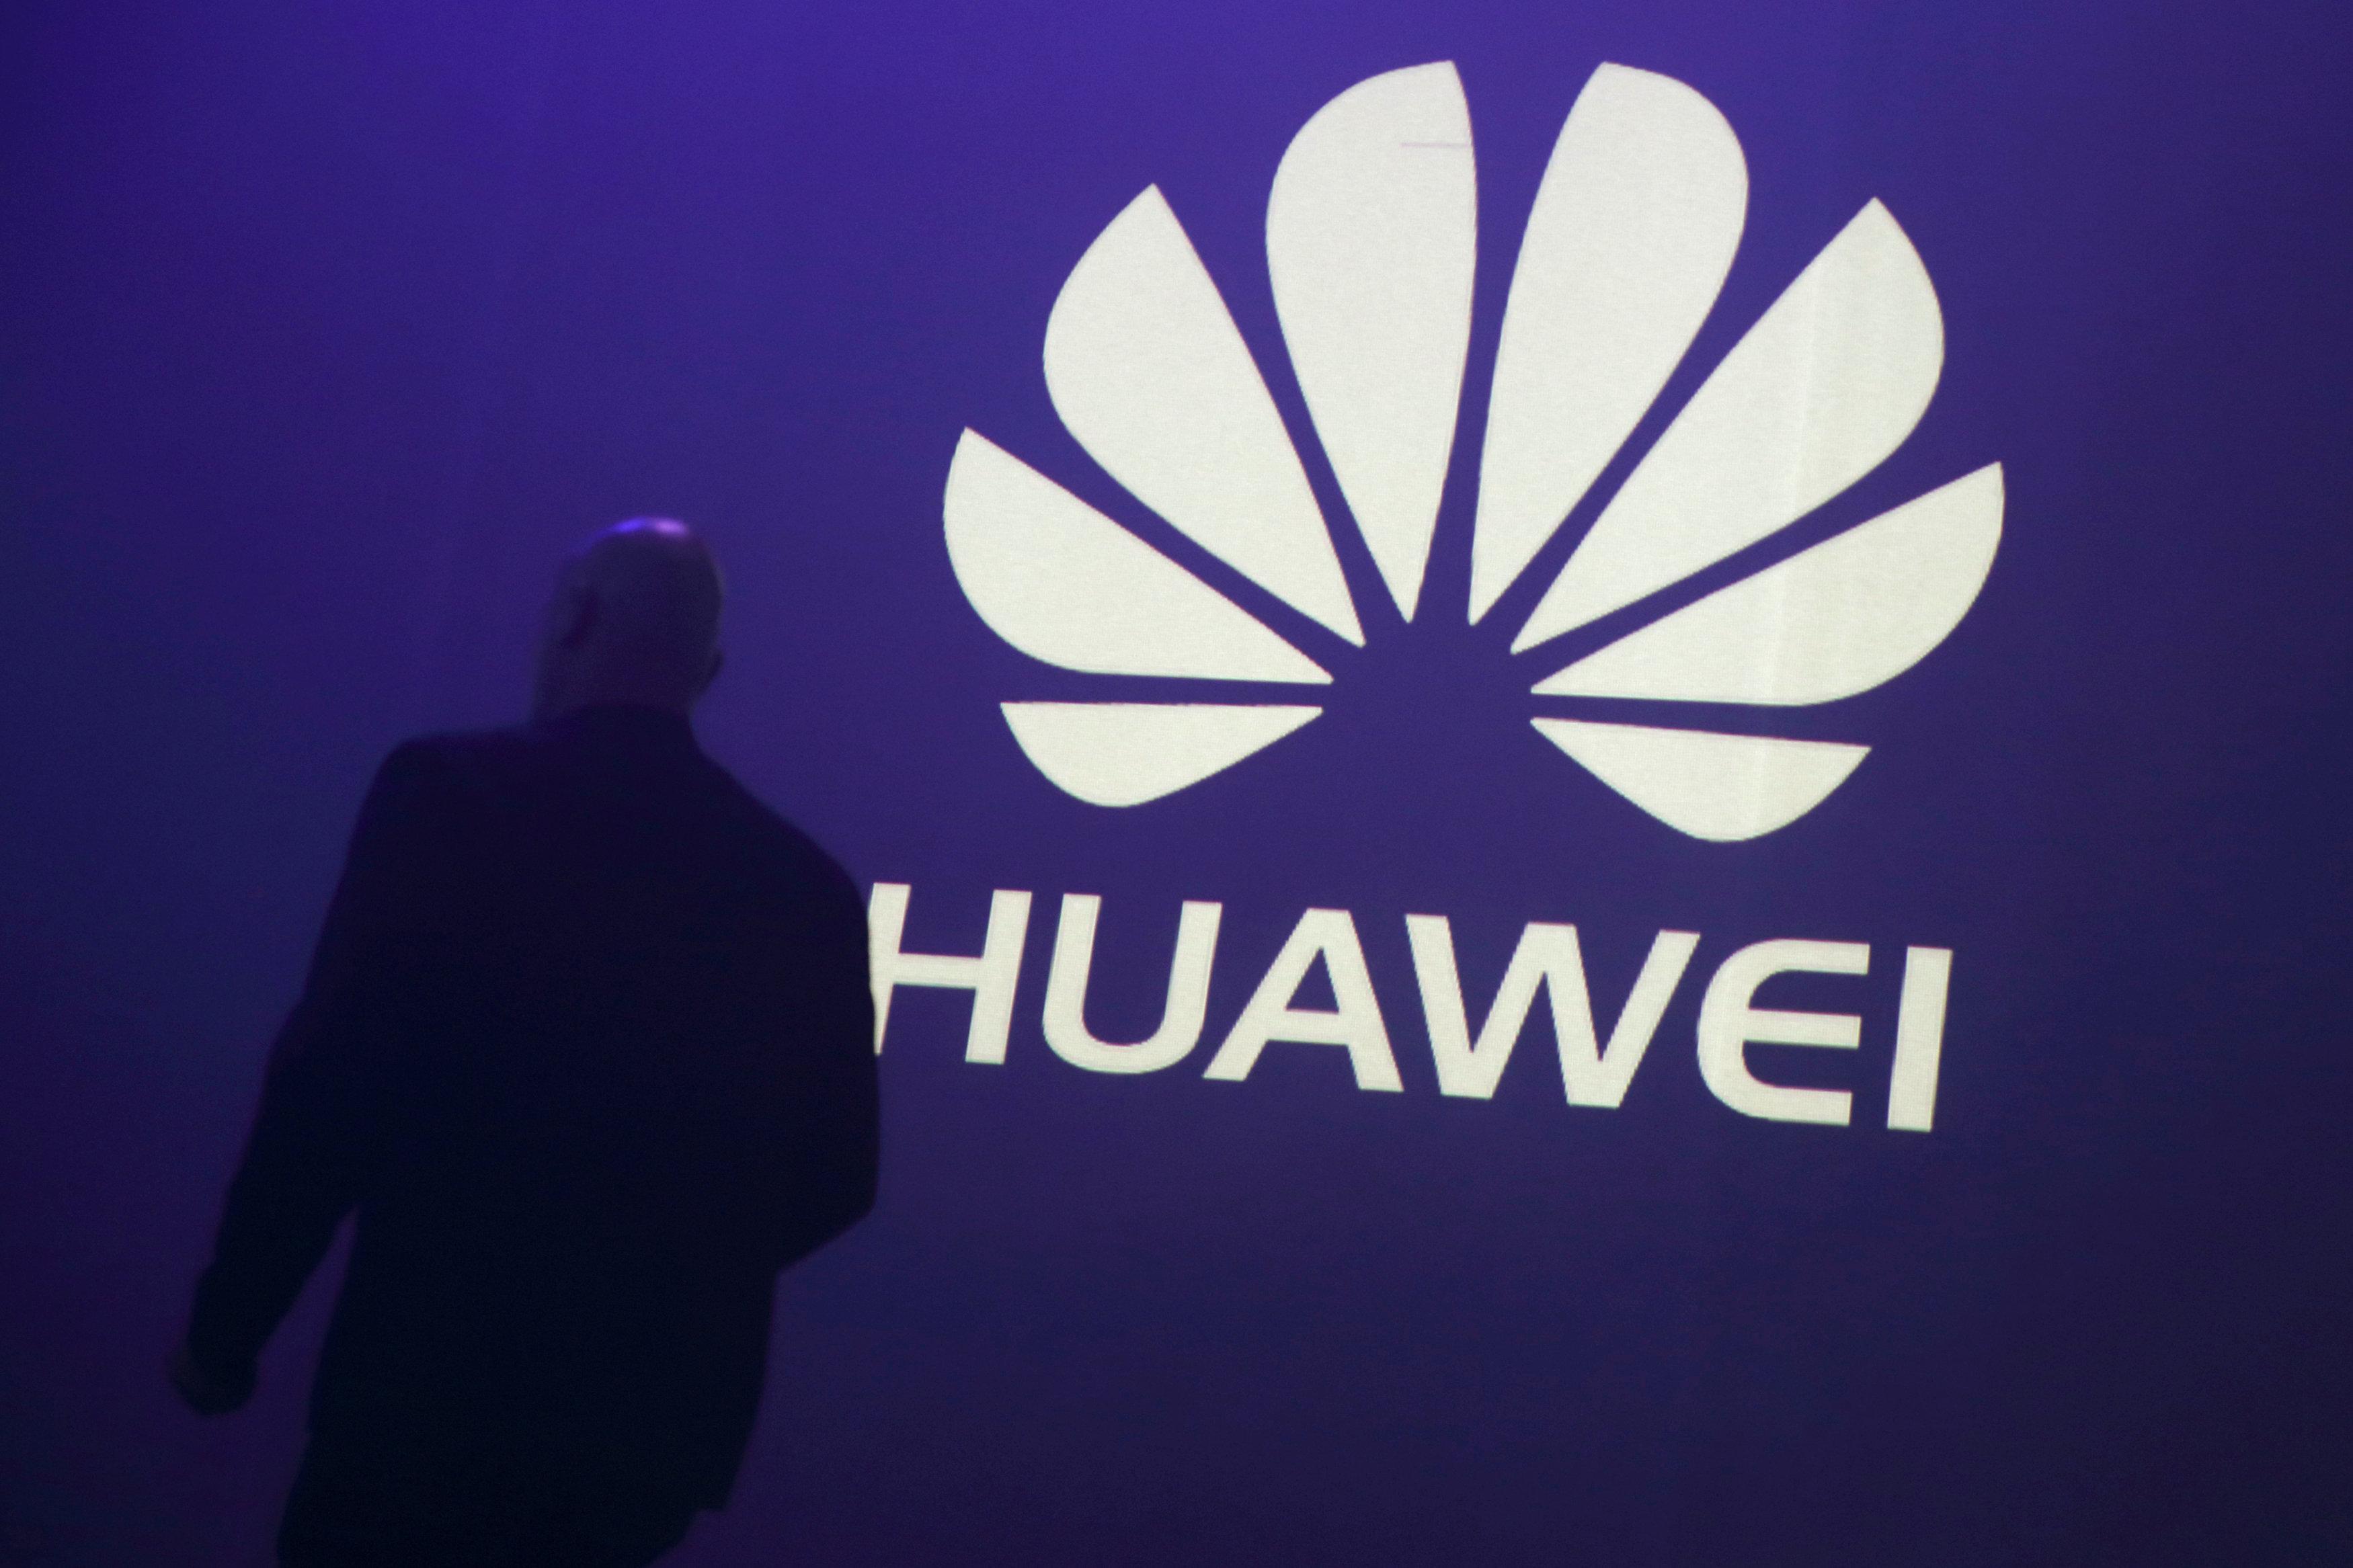 Huawei впервый раз обошел Apple попродажам телефонов в Российской Федерации